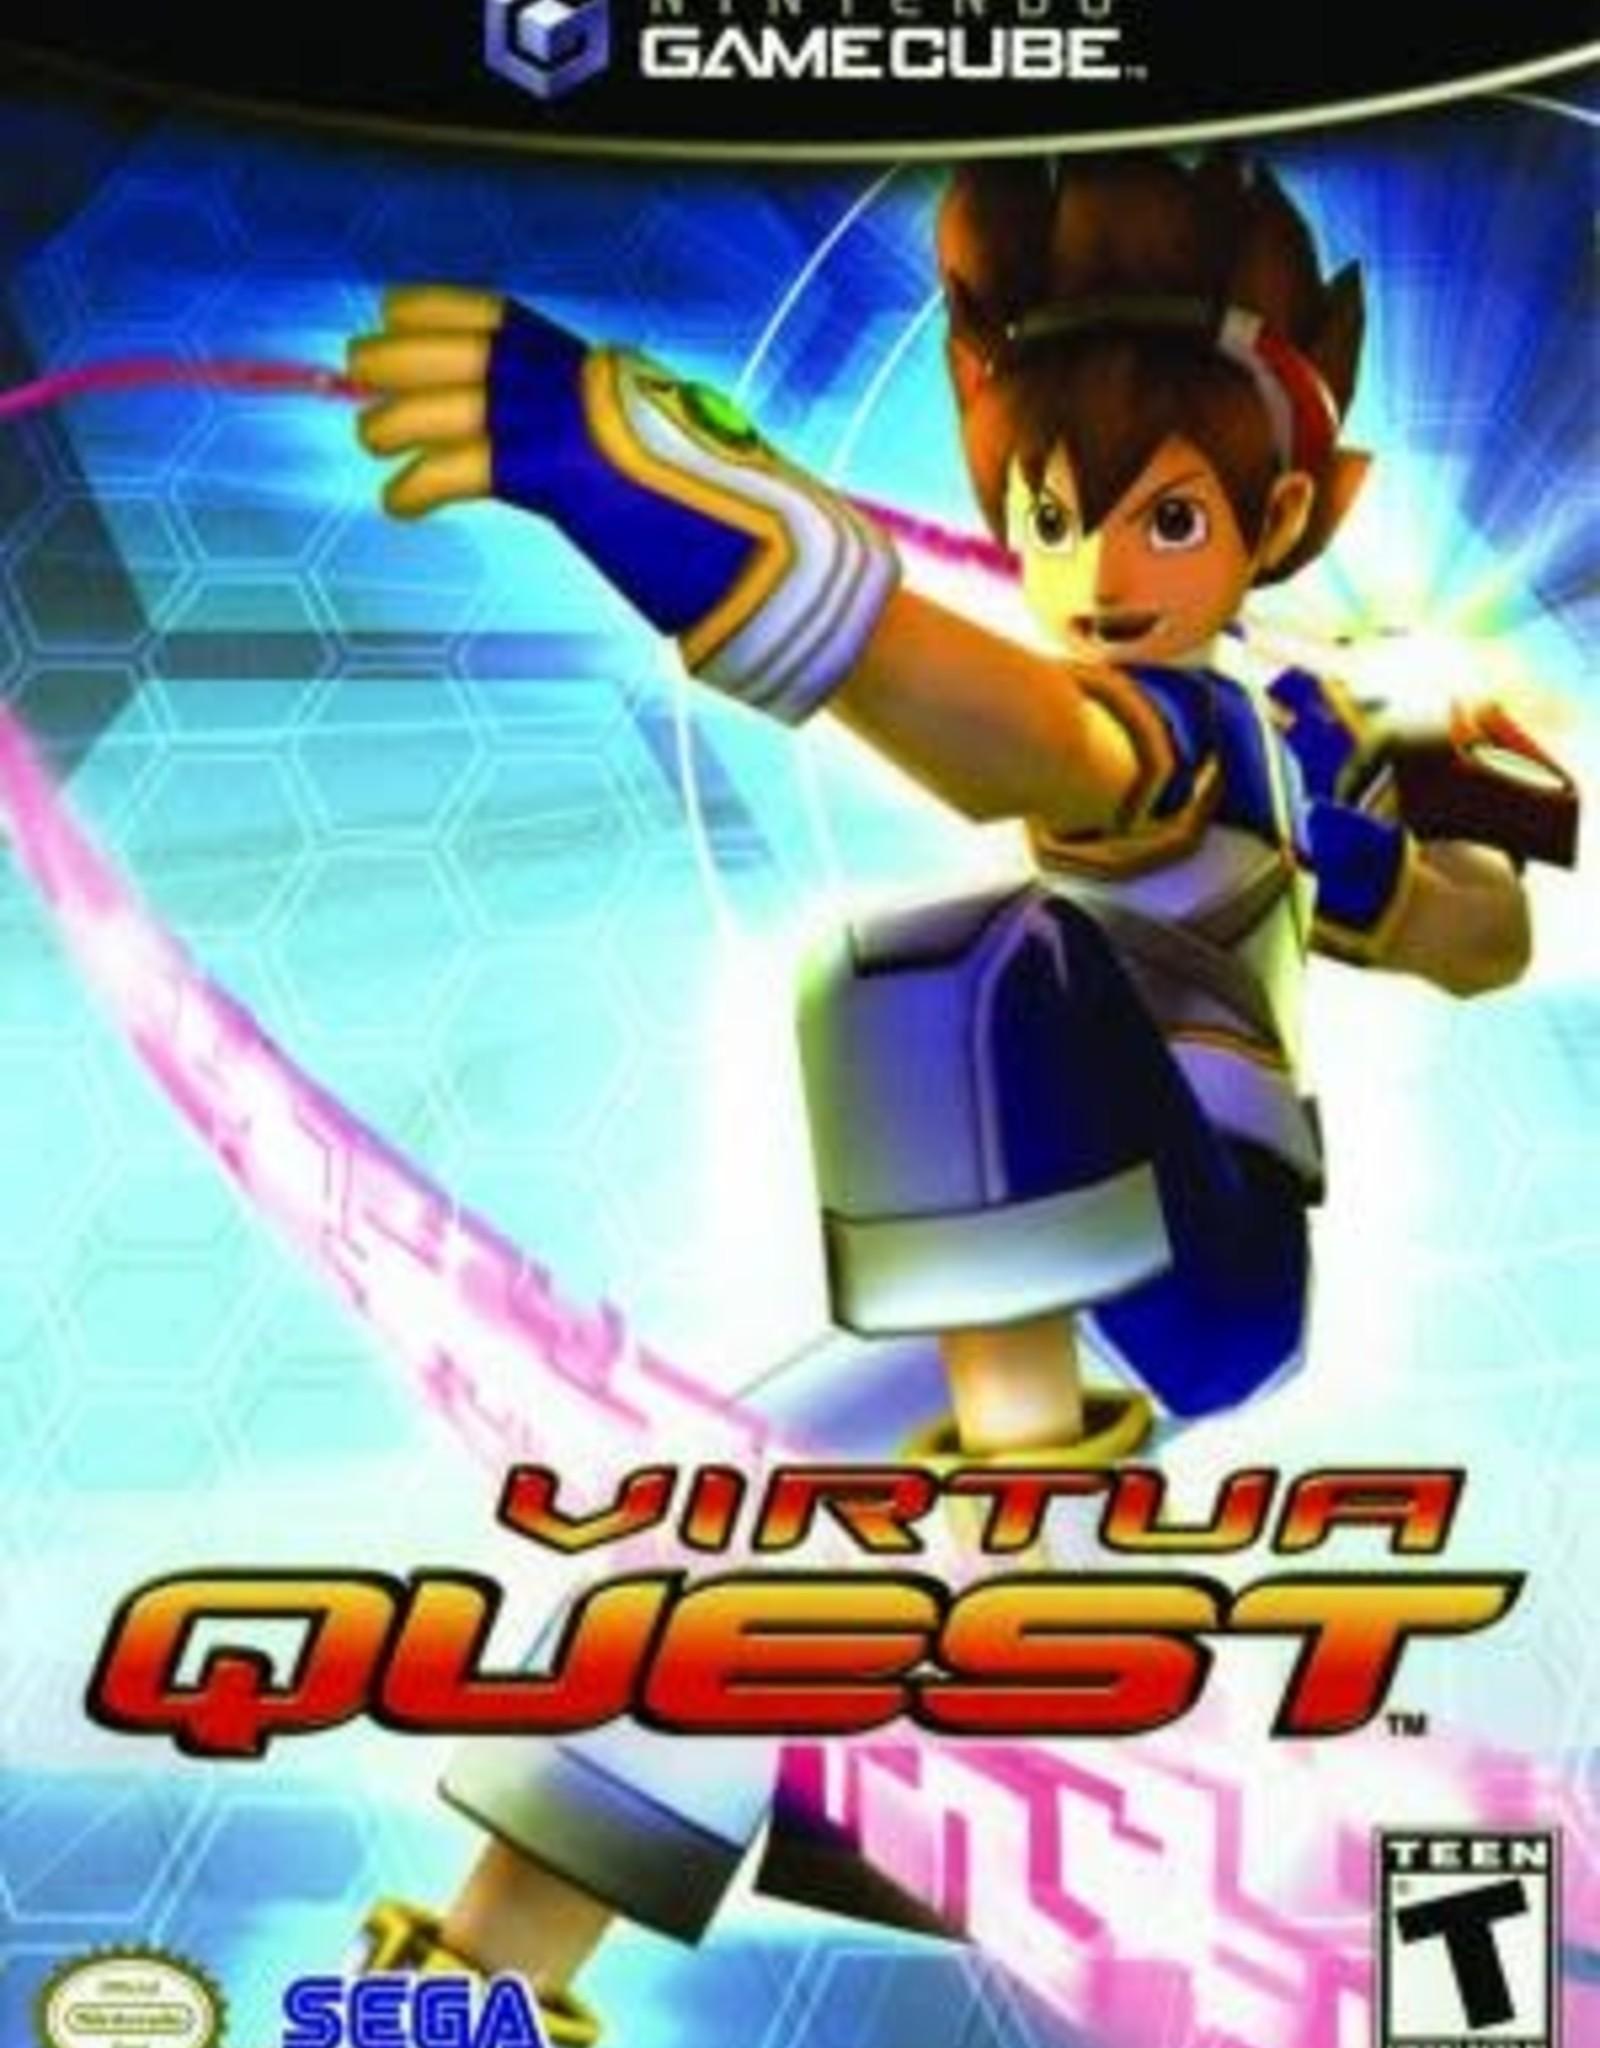 Gamecube Virtua Quest (CiB)